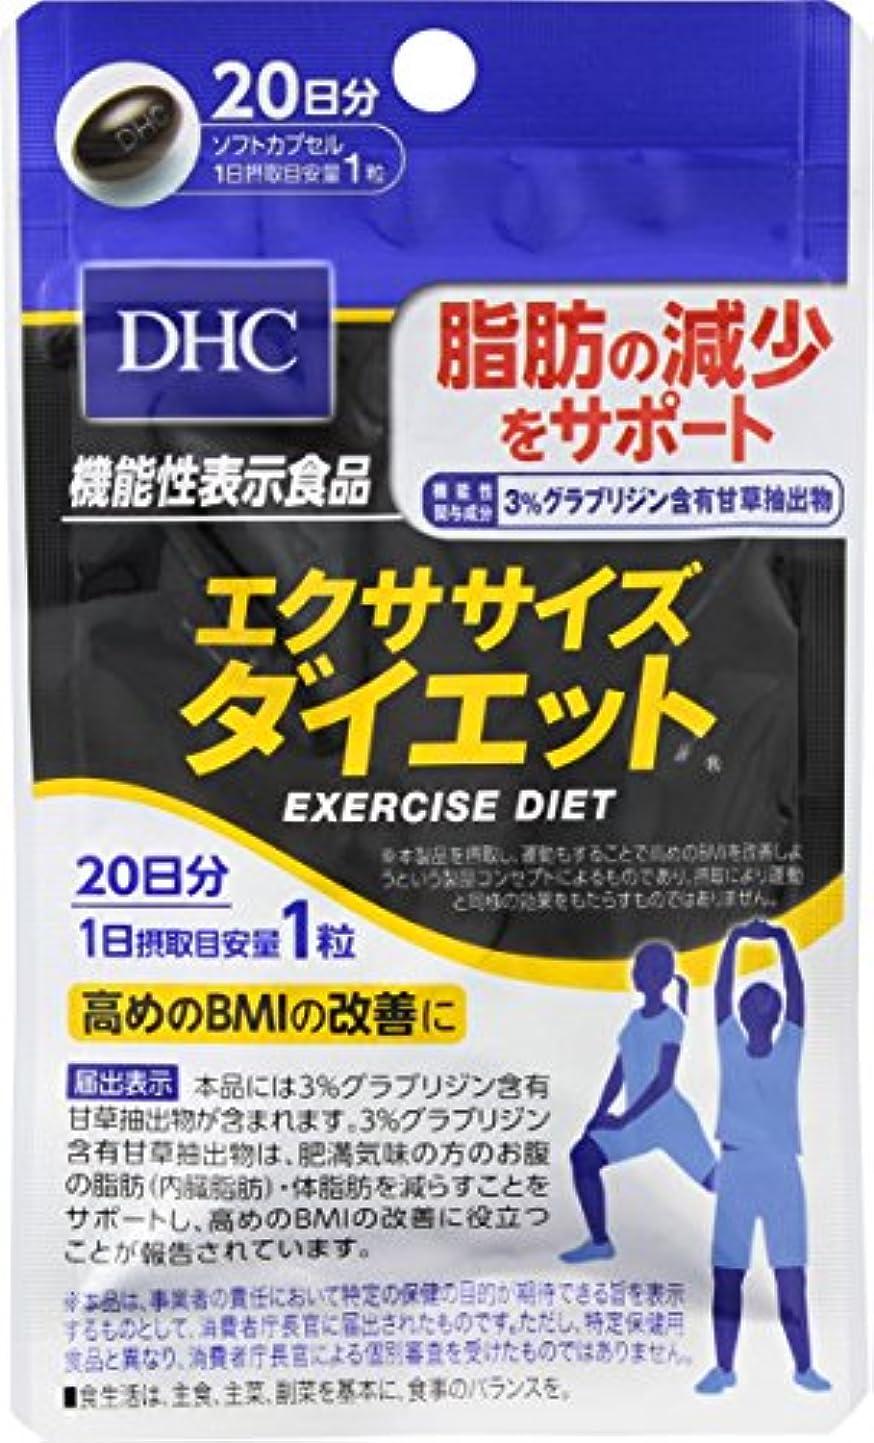 崇拝する野菜羊のDHC エクササイズダイエット 20日 20粒【機能性表示食品】